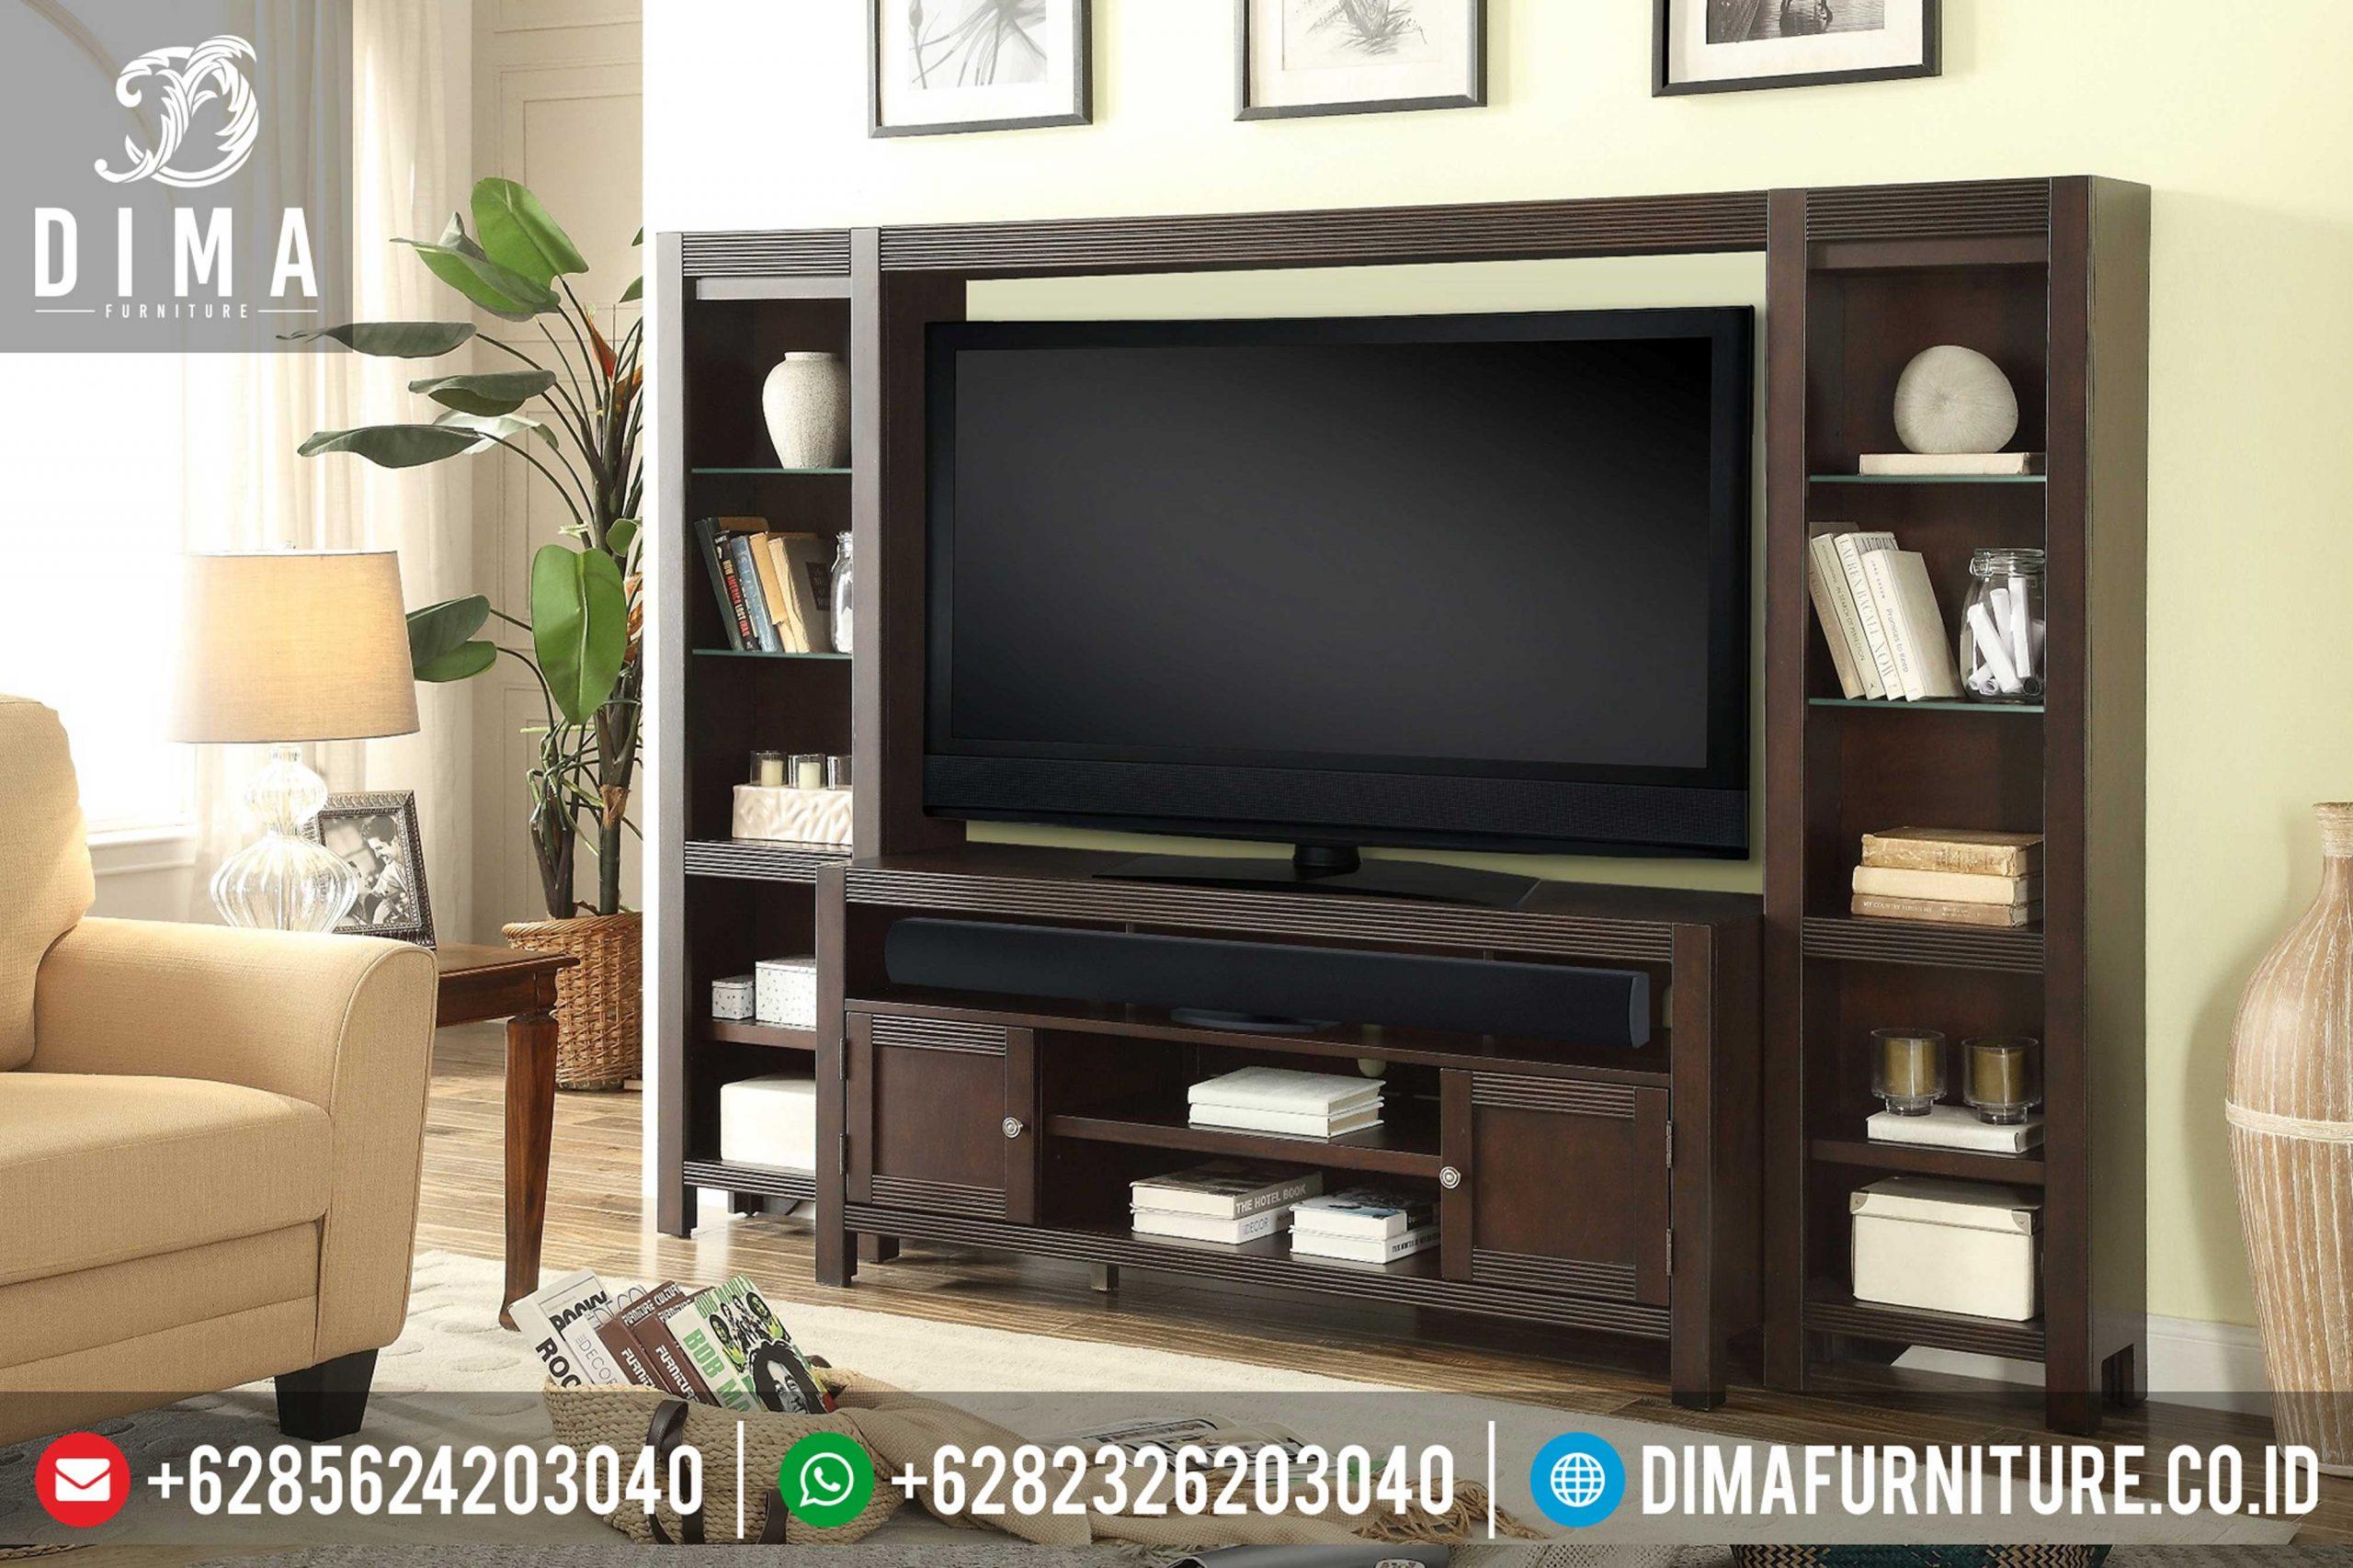 Set Bufet Tv Minimalis Modern Mebel Jati Jepara Terbaru Mm-0099